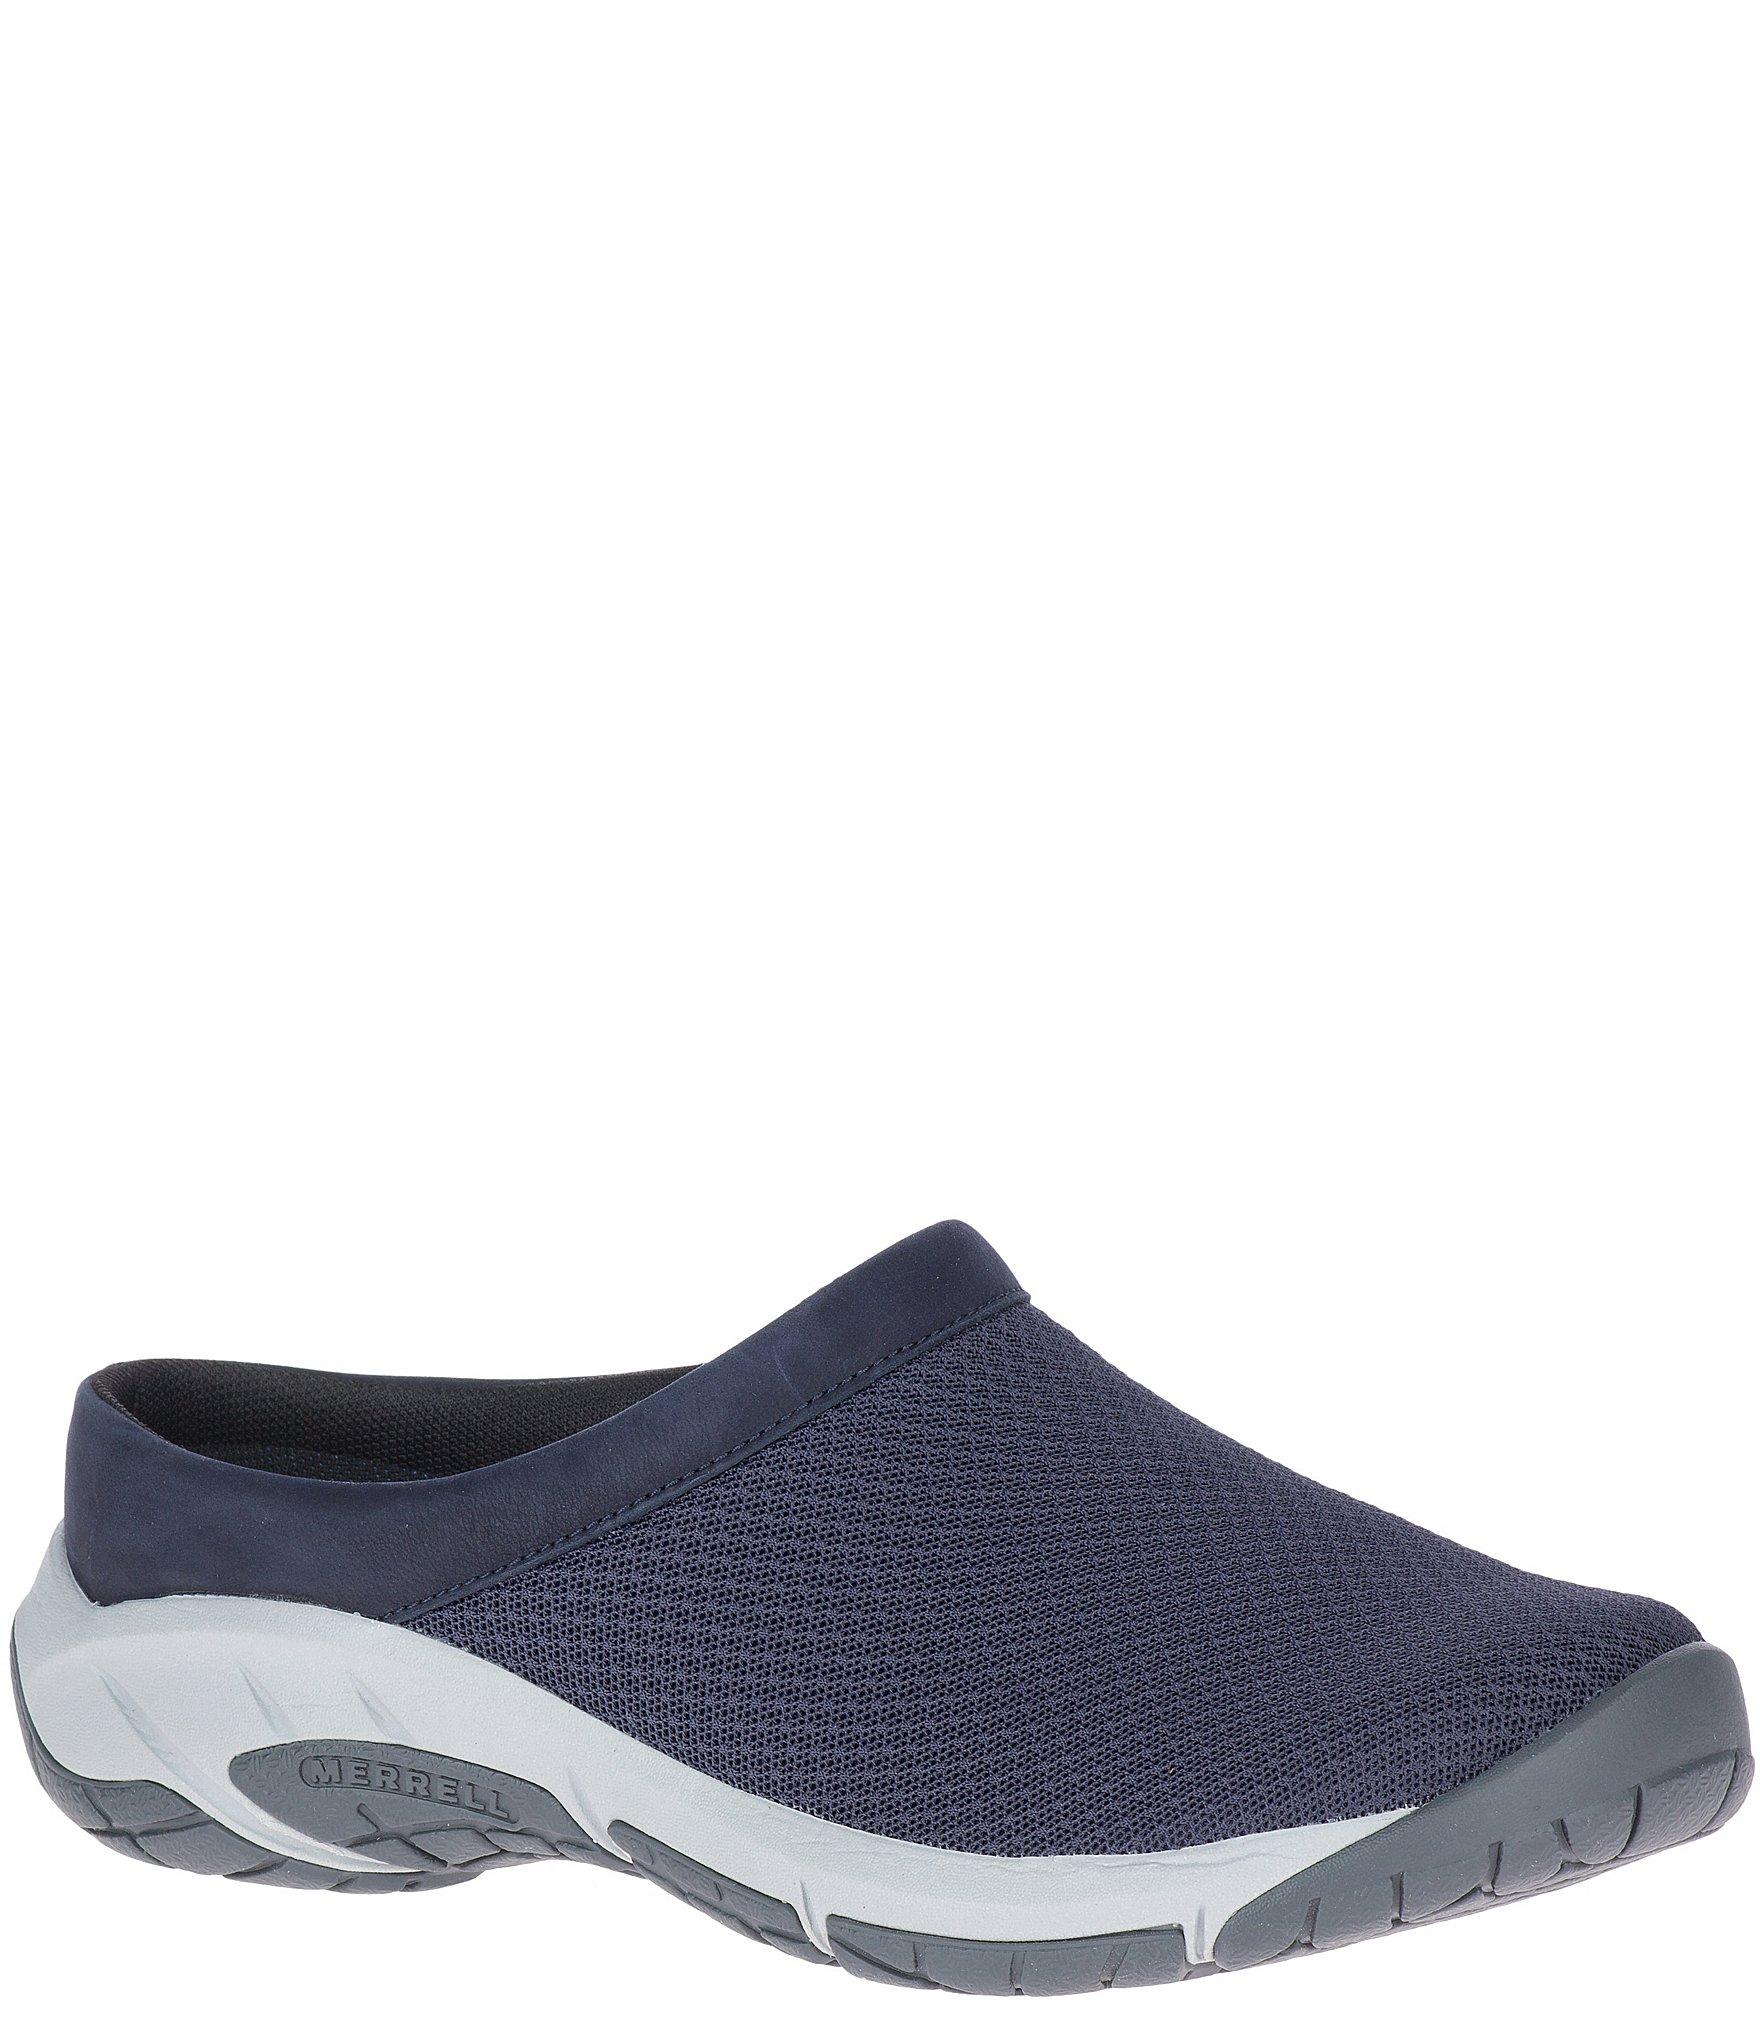 Merrell Women's Wide Width Shoes